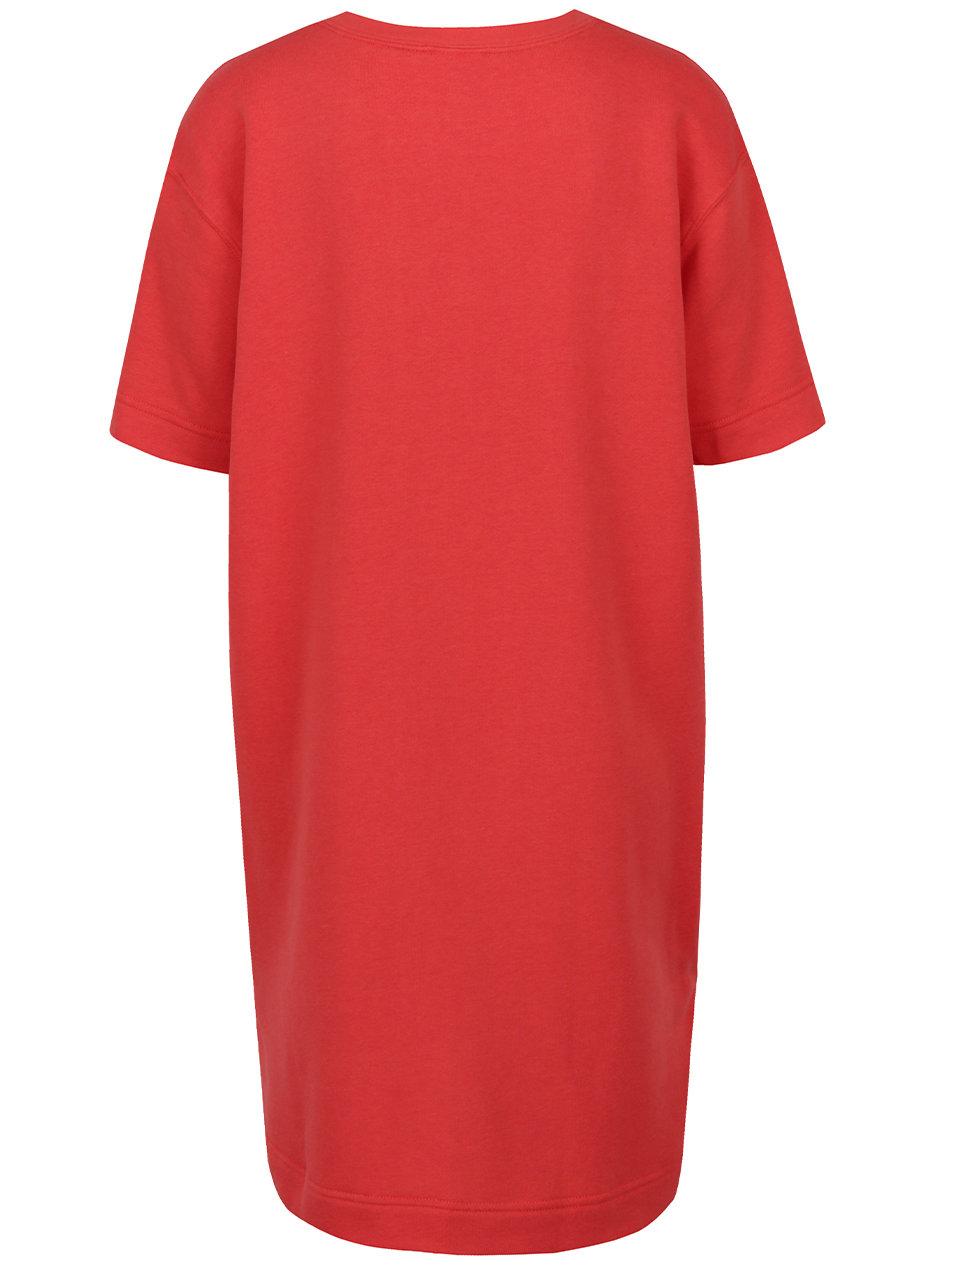 b74642fcd472 Červené dámske oversize športové šaty s krátkym rukávom Nike ...